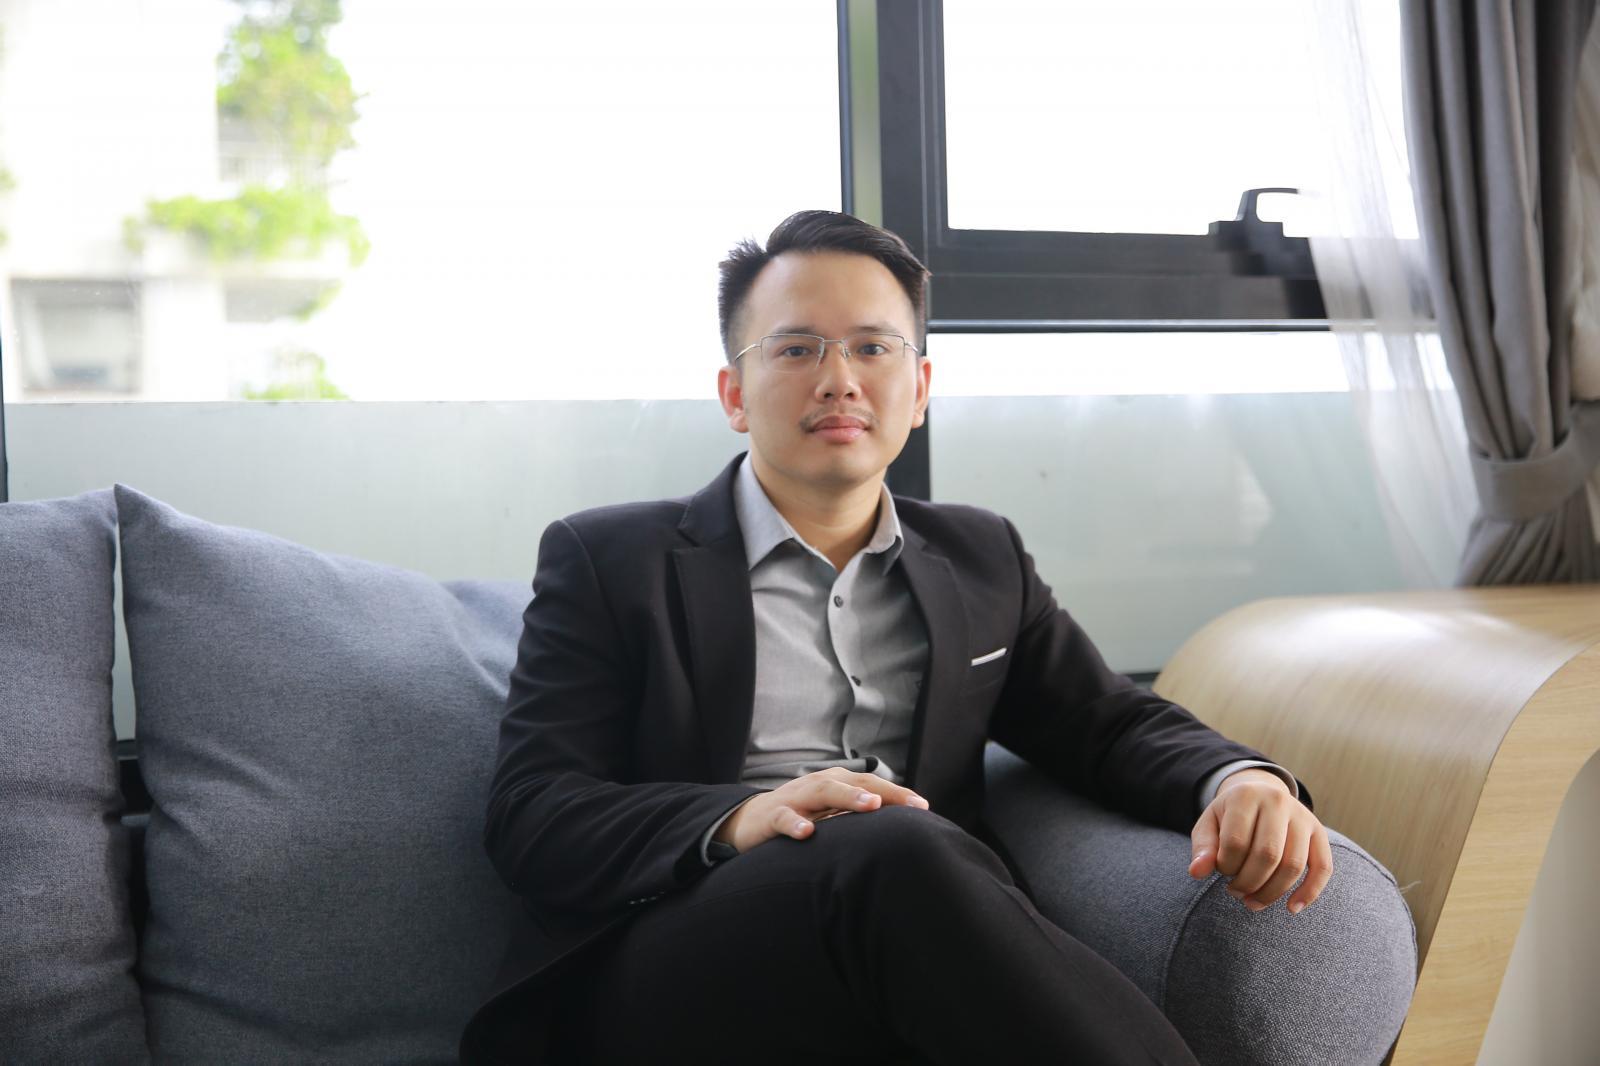 Chân dung Ông Nguyễn Quốc Anh Phó TGĐ Batdongsan.com.vn